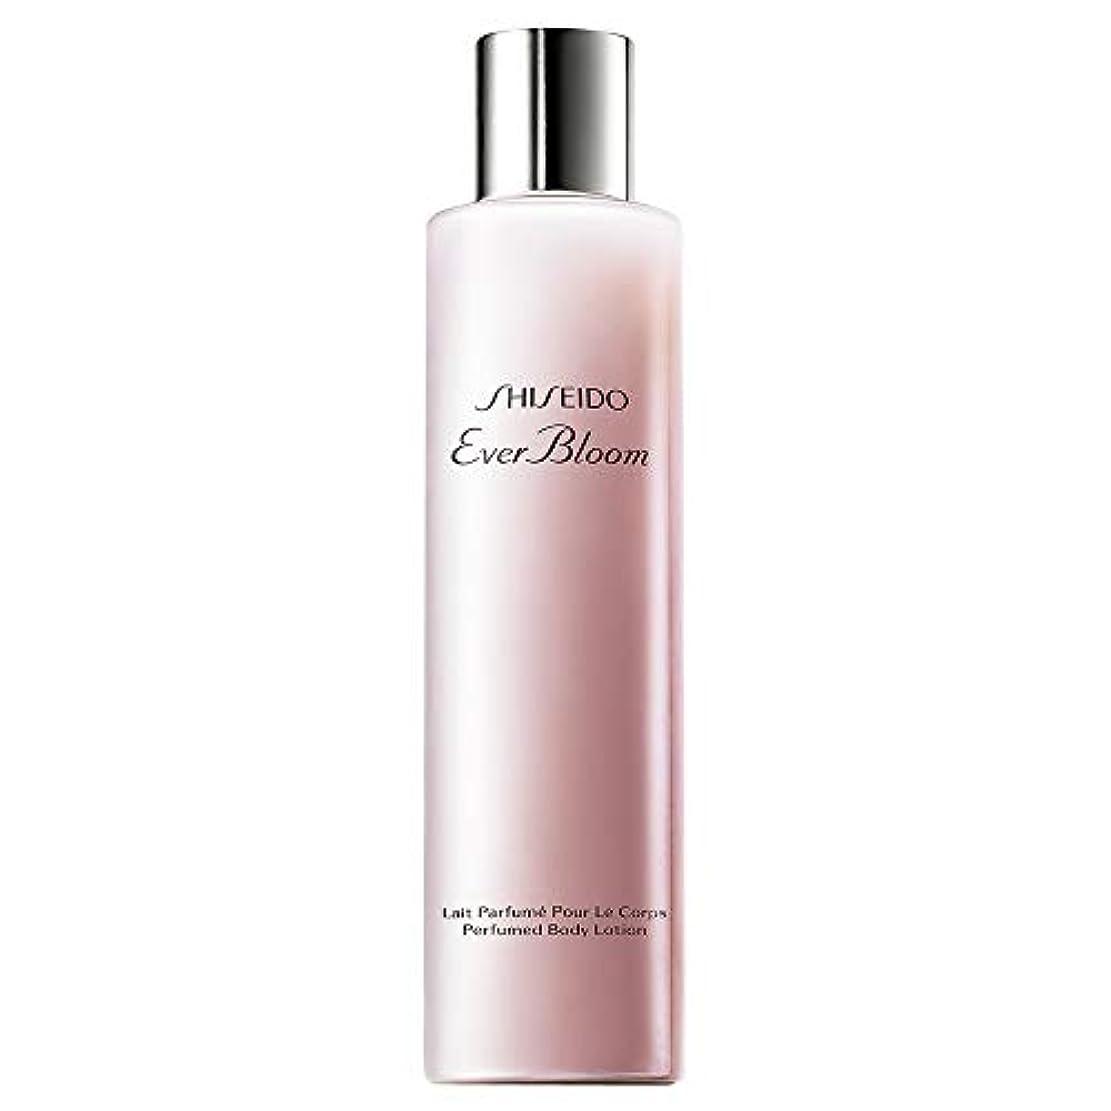 心配する祖母ピック[Shiseido] 資生堂は、これまでのボディローション200ミリリットルを咲かせ - Shiseido Ever Bloom Body Lotion 200ml [並行輸入品]